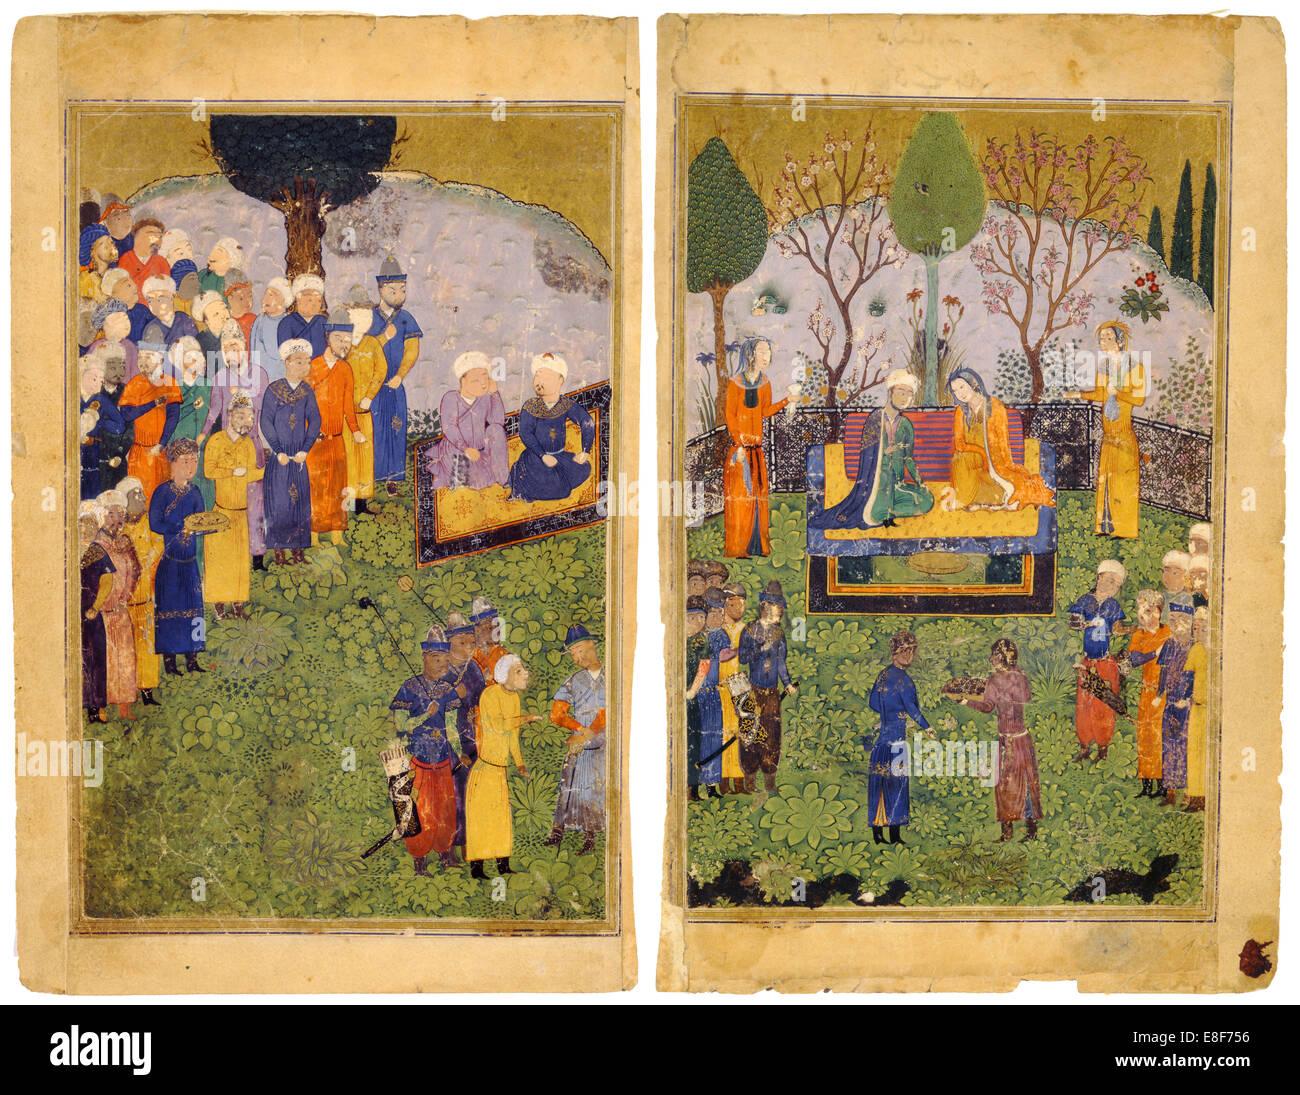 Una pareja principesca con cortesanos en un jardín. Desde el Shahnama (Libro de los Reyes). Artista: maestro iraní Foto de stock